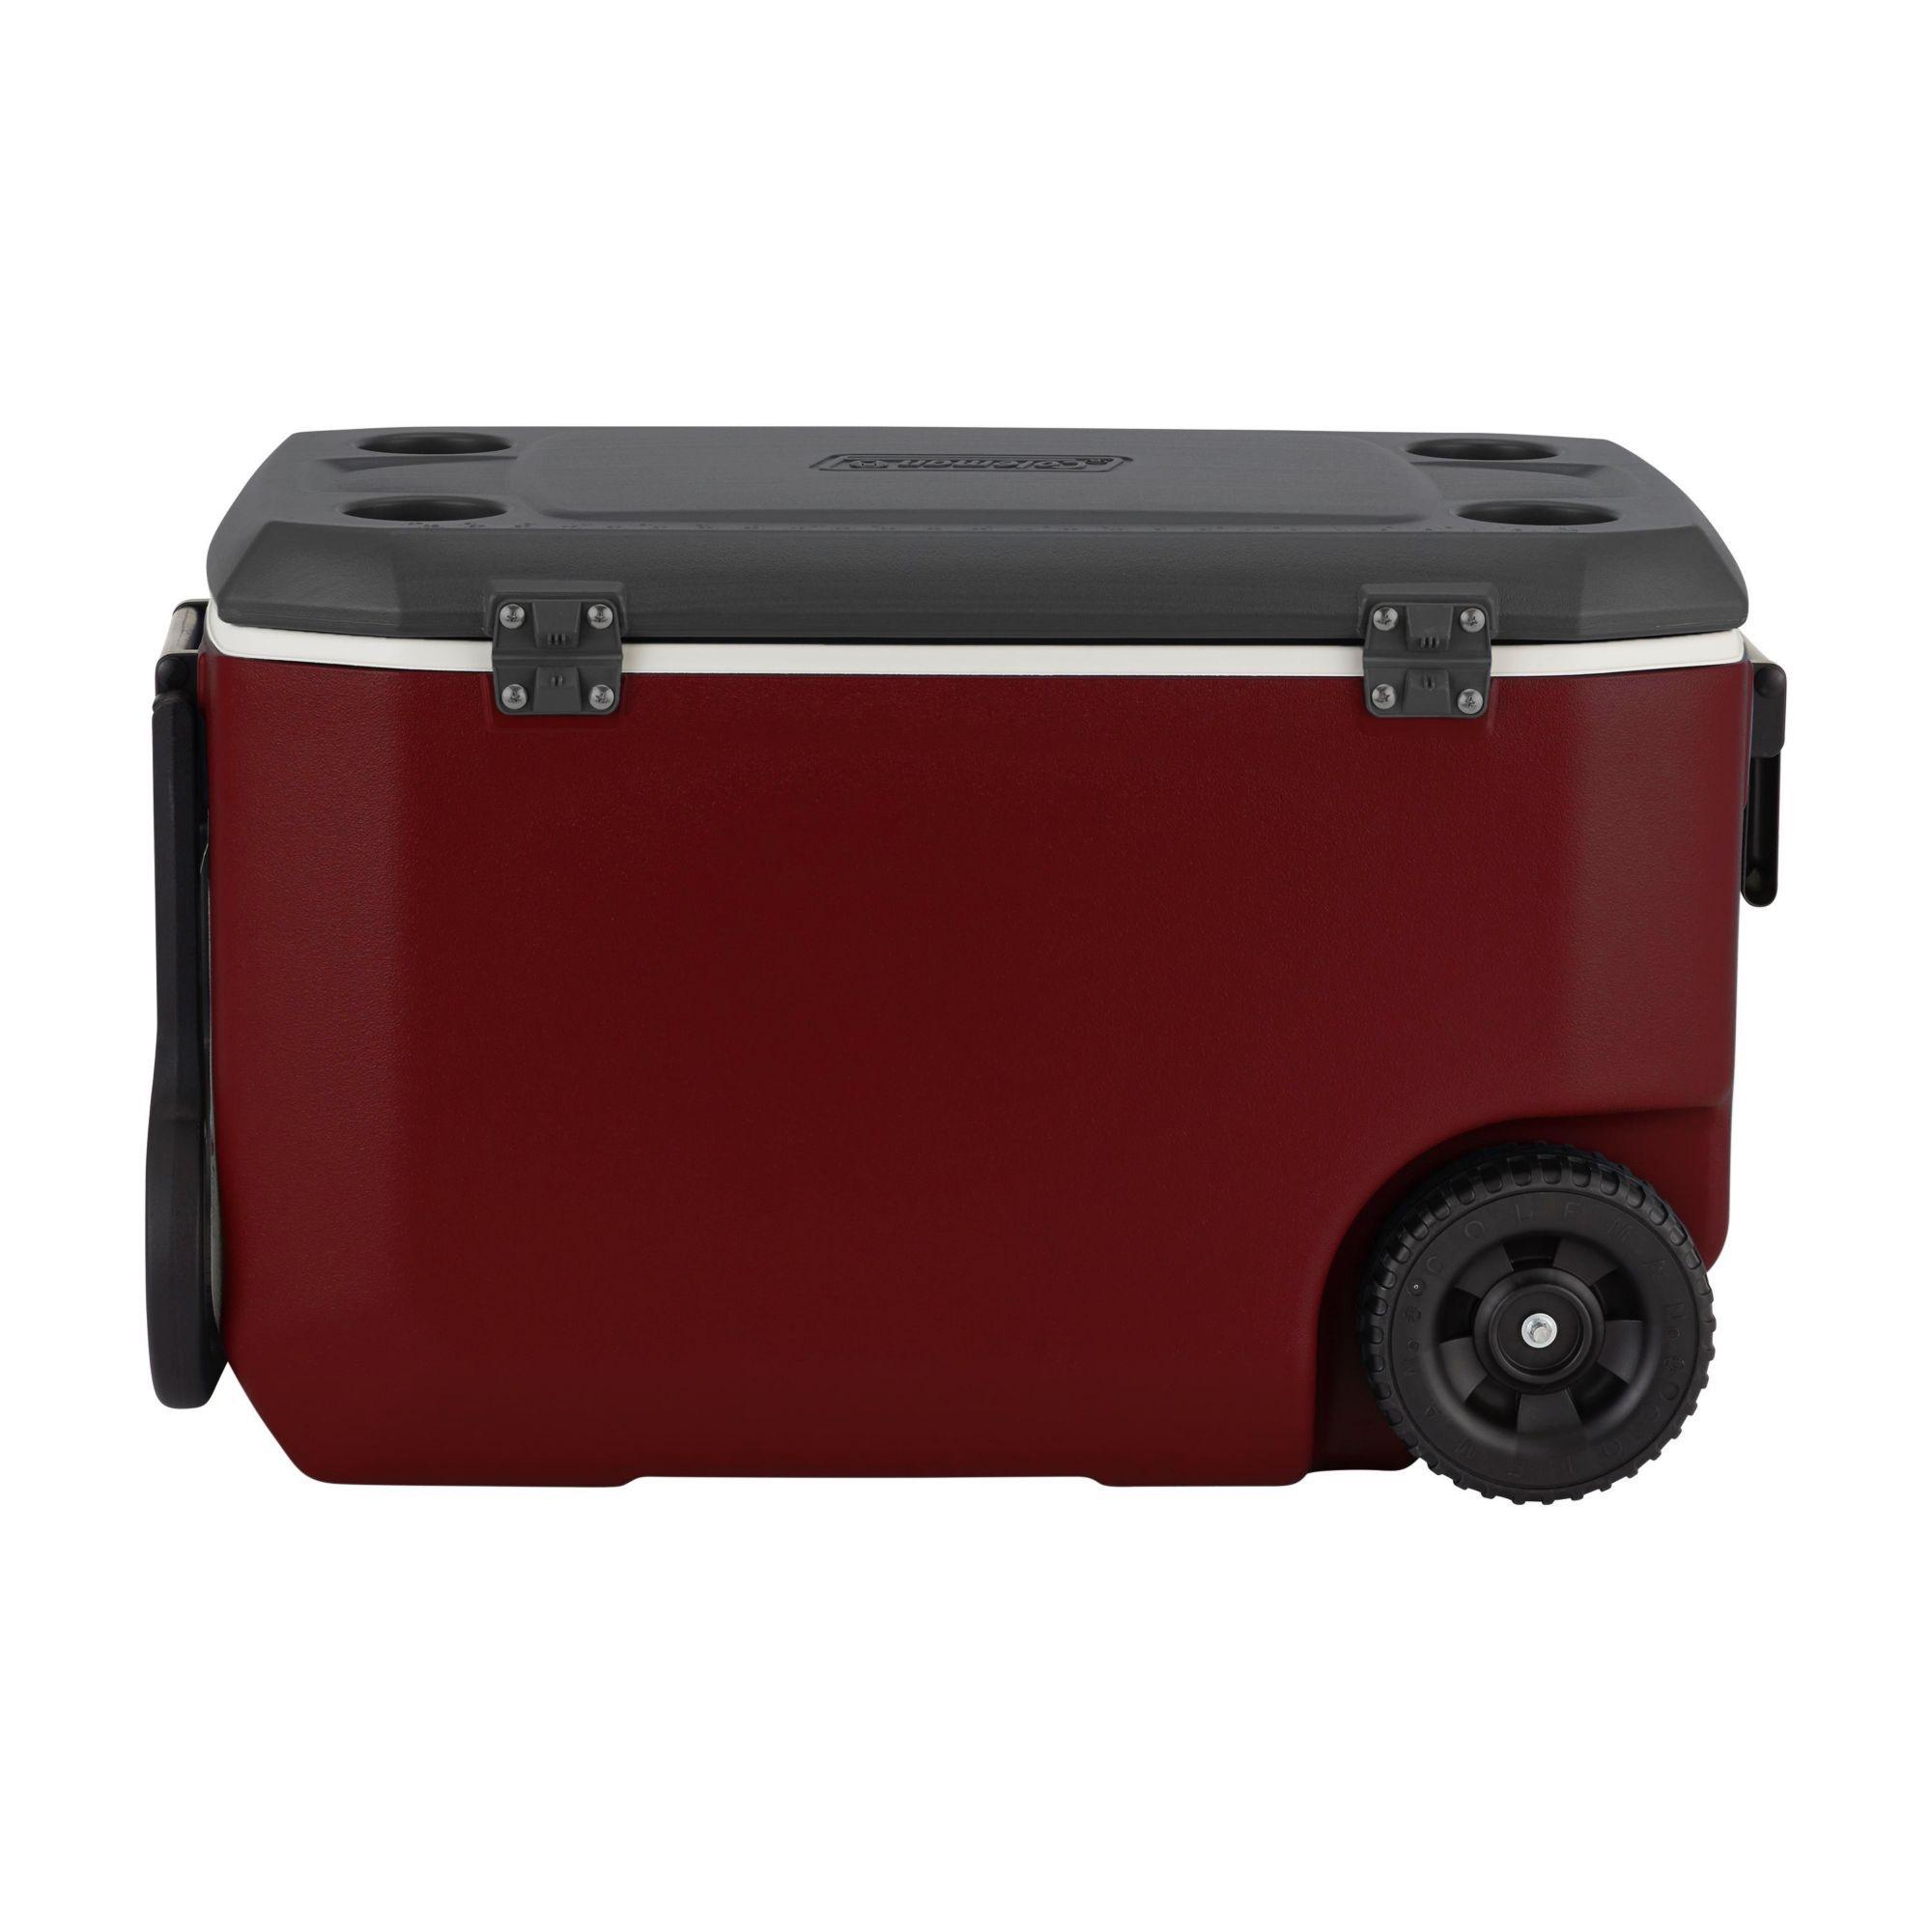 Caixa Térmica 62 Qt Xtreme Vermelha com Rodas - Coleman